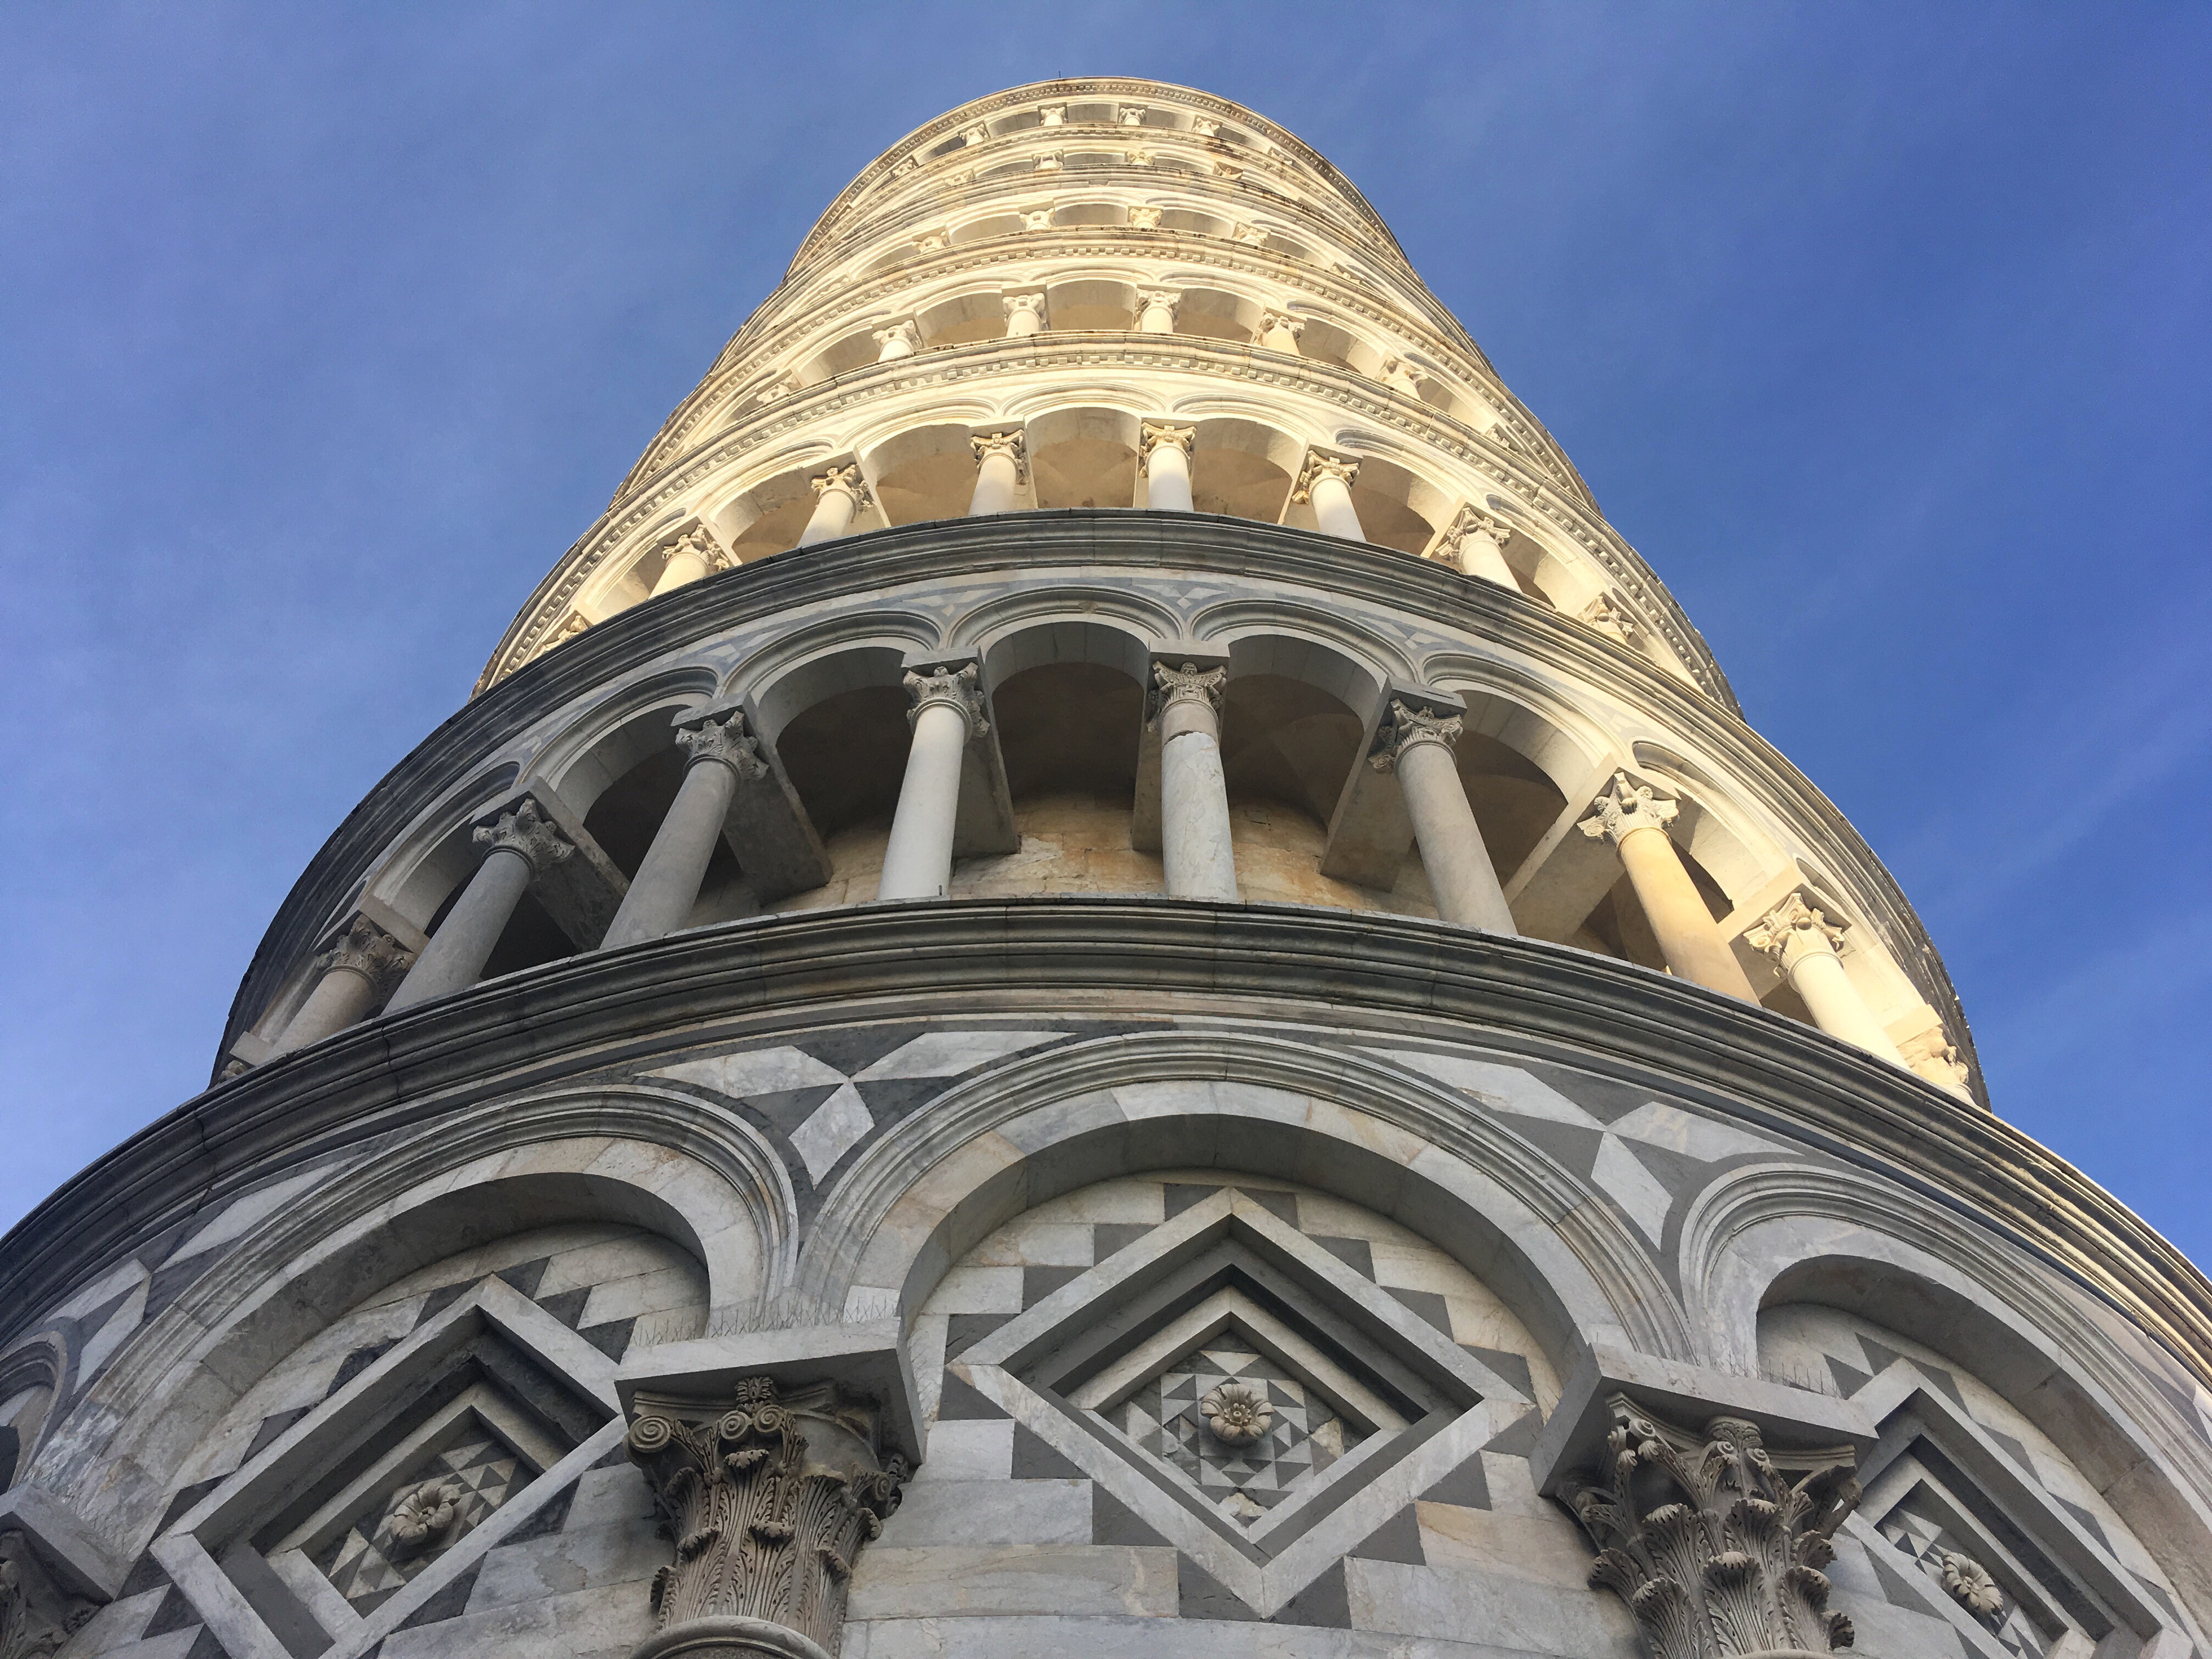 Tower of pisa photo